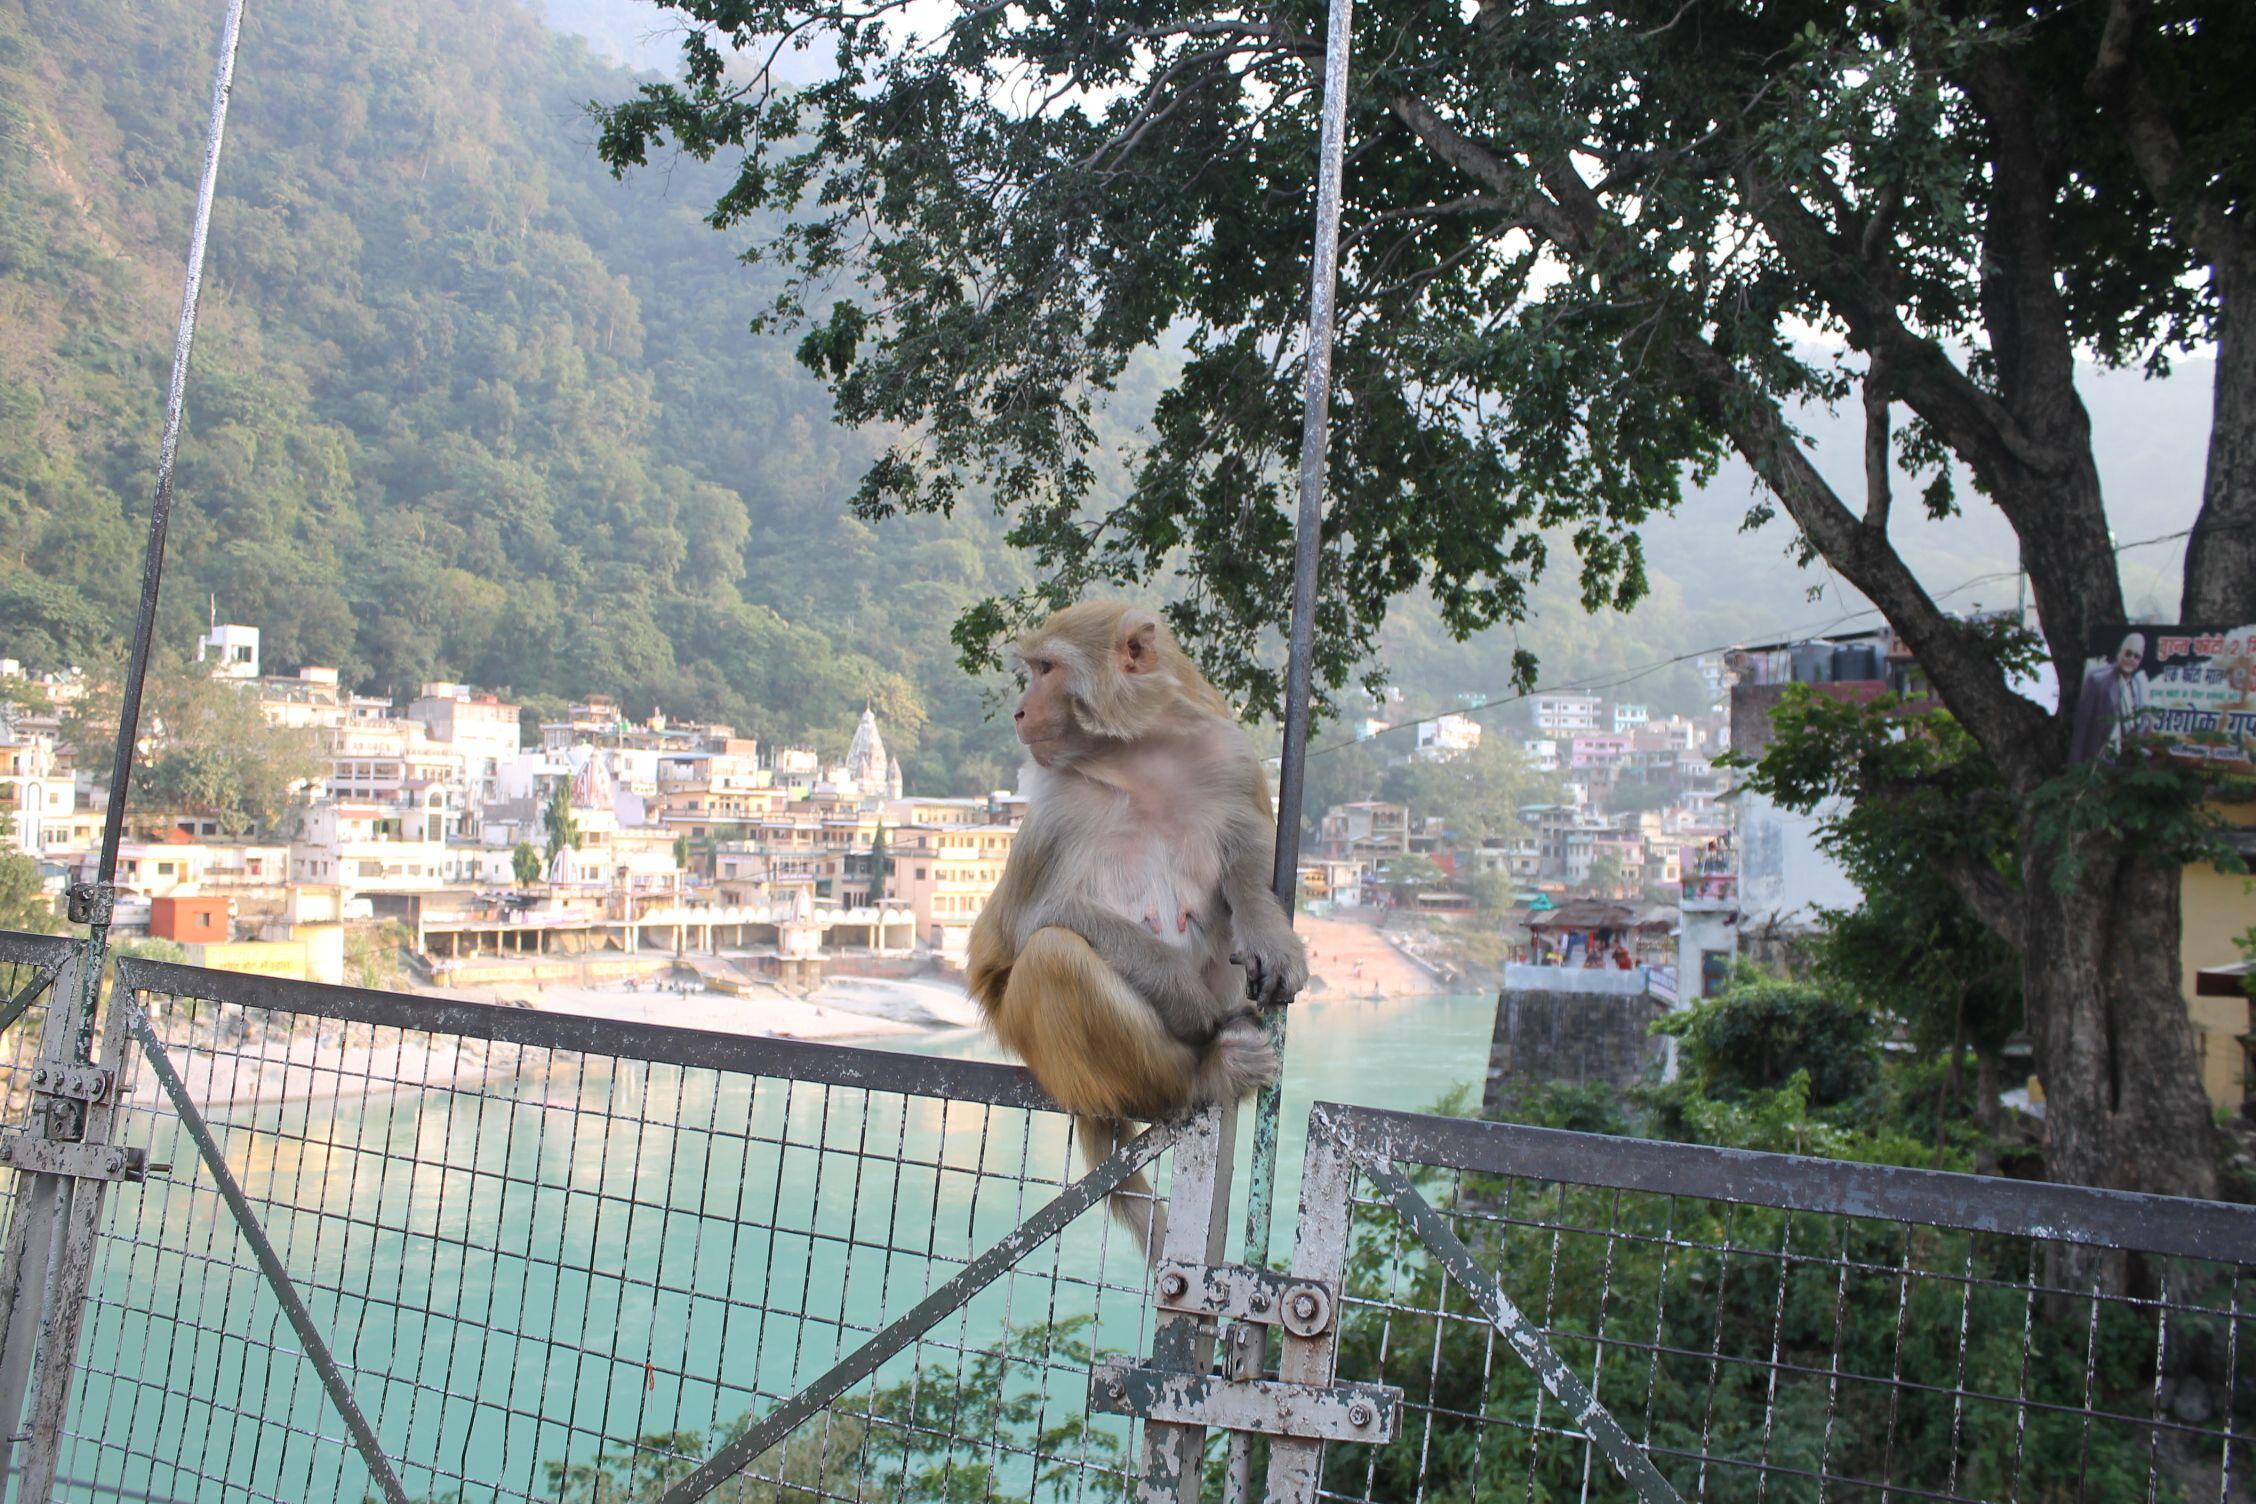 Monos en el Laskhman Jhula